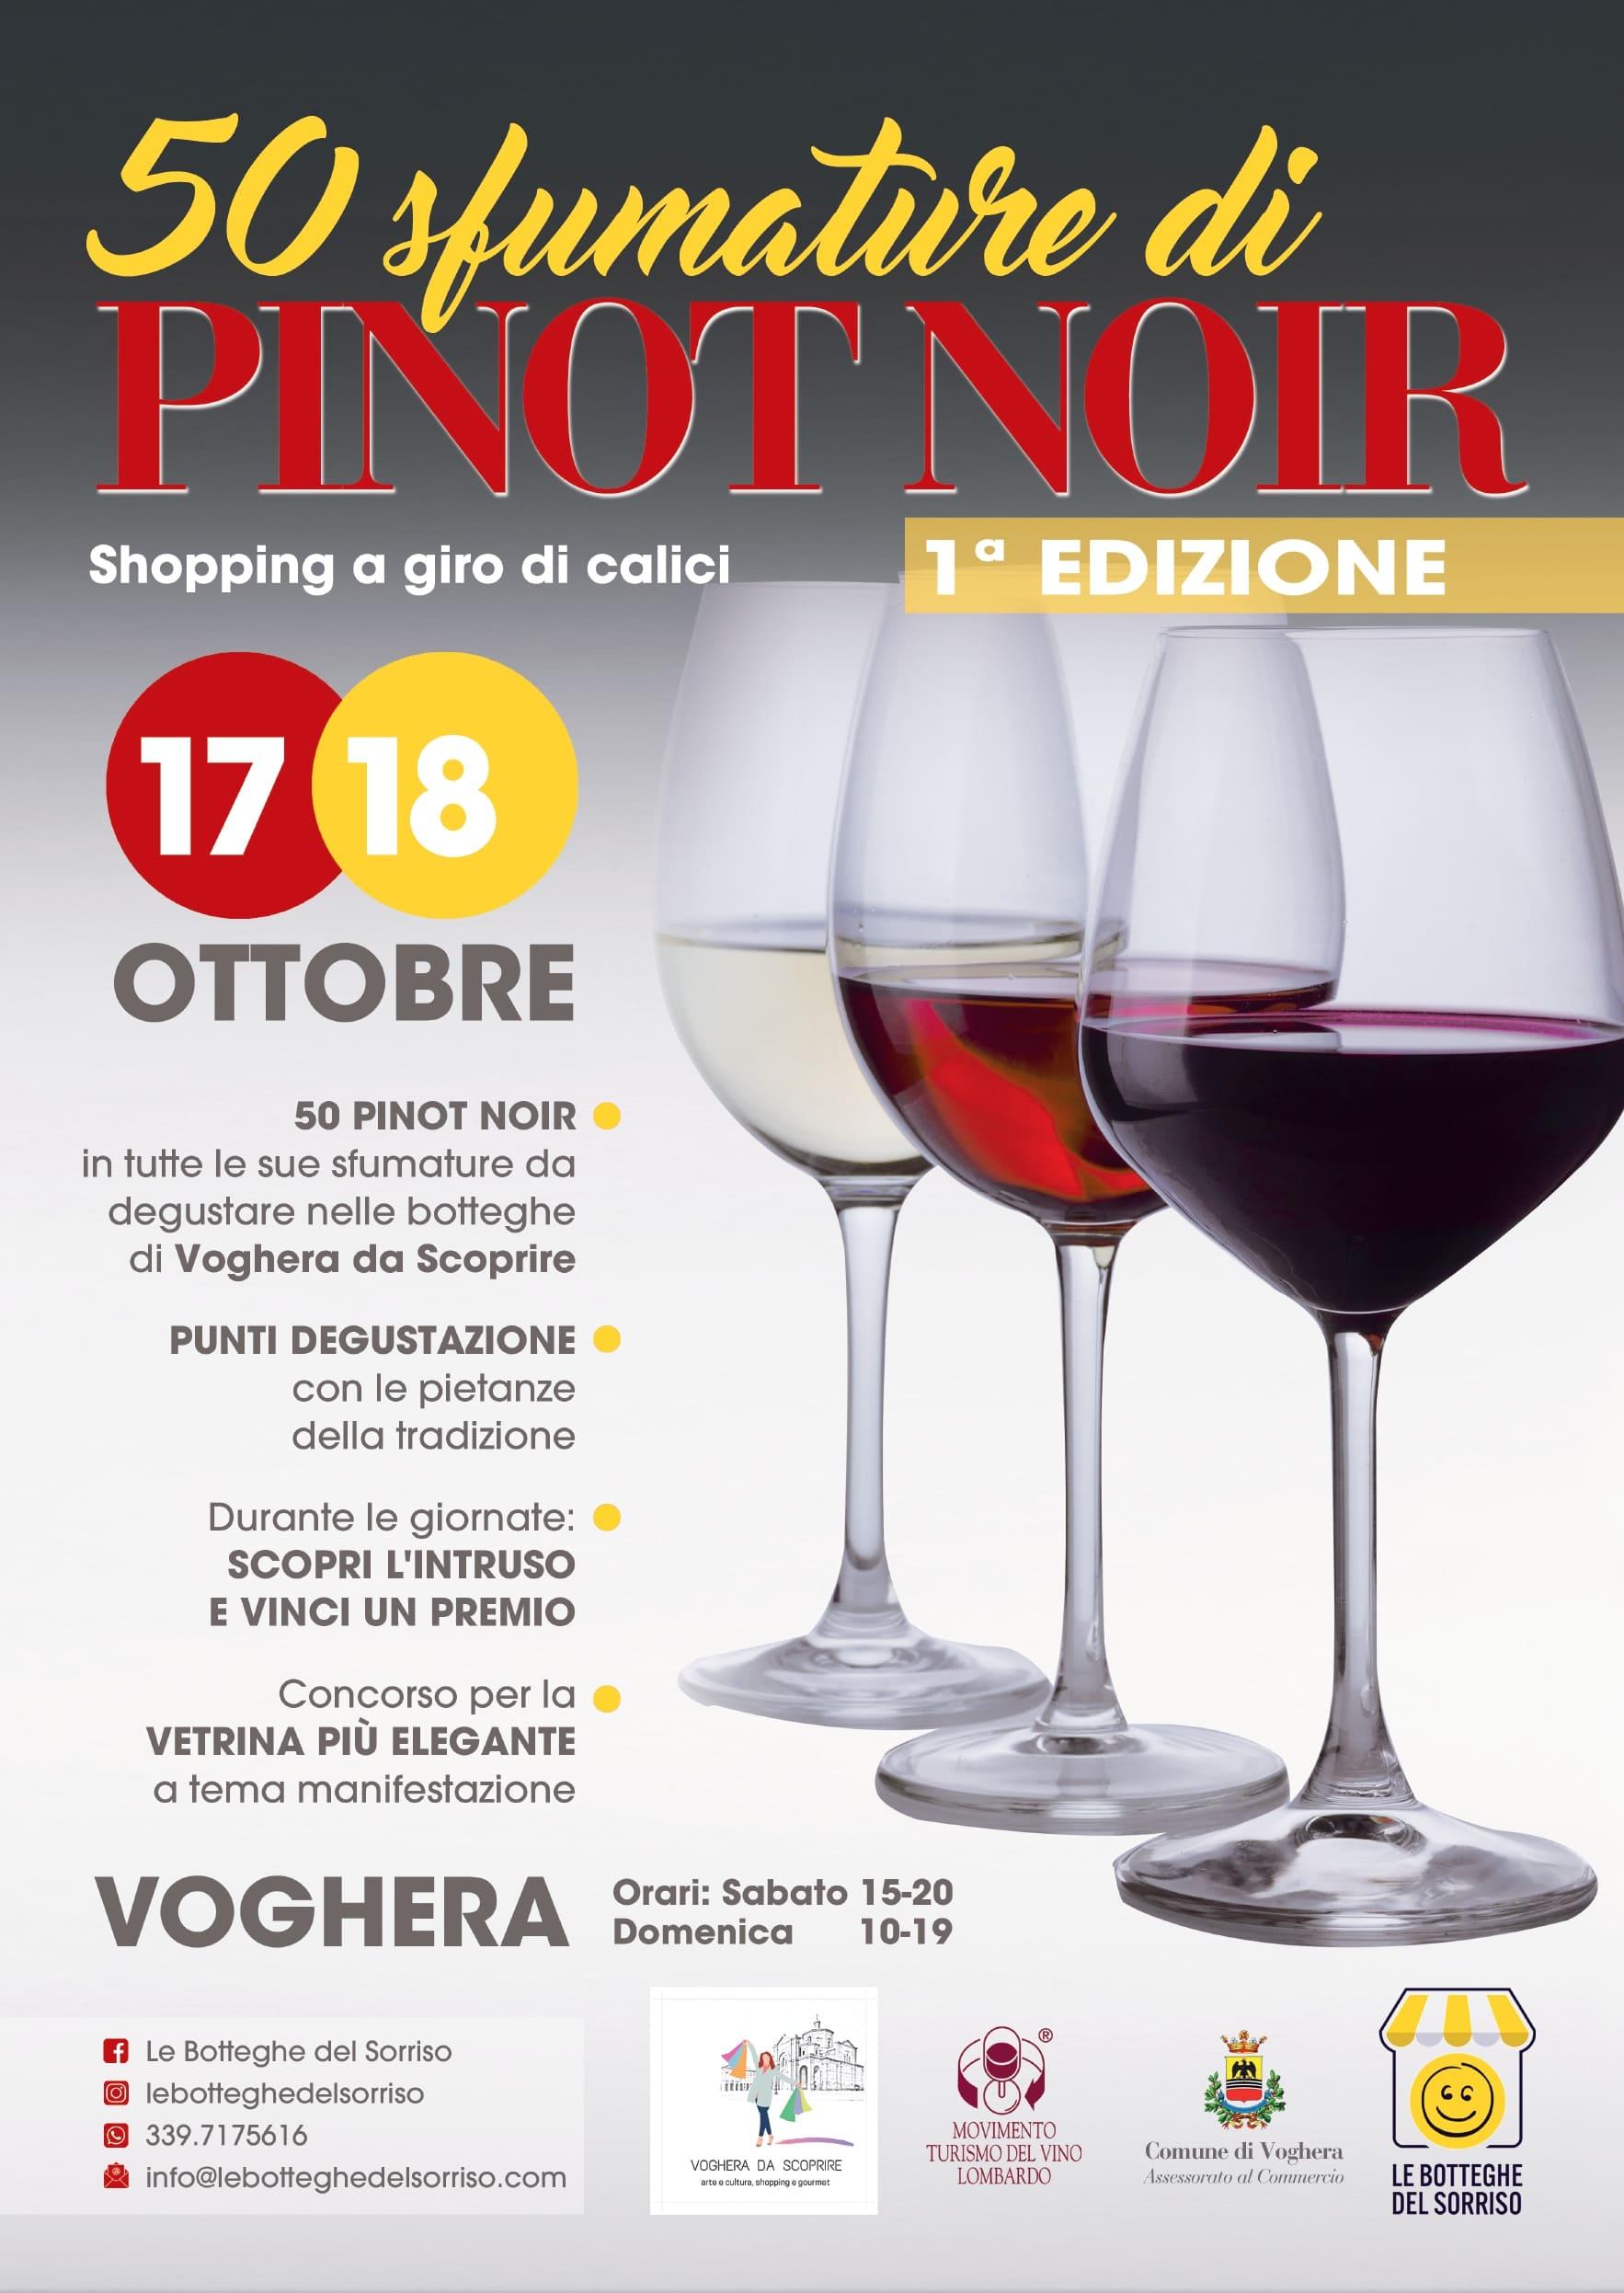 50 sfumature di Pinot Nero dell'Oltrepò  Pavese